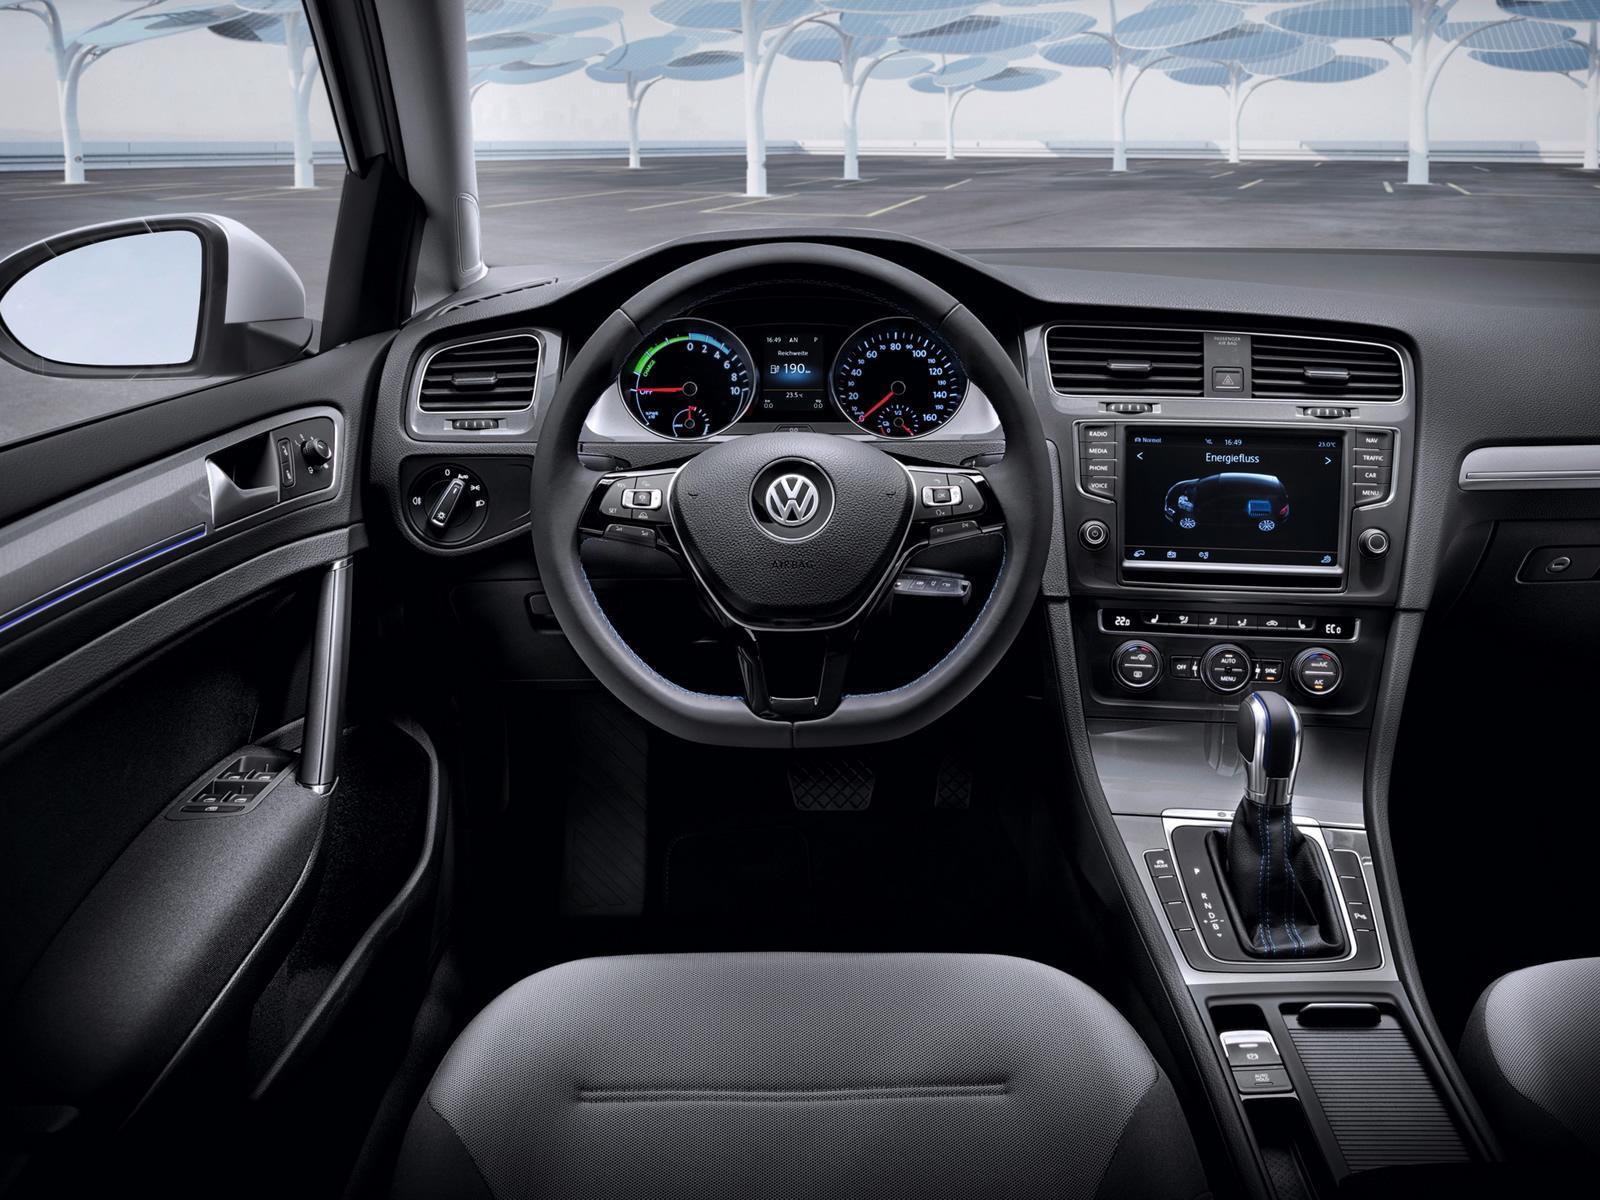 VW eGolf Innenraumansicht